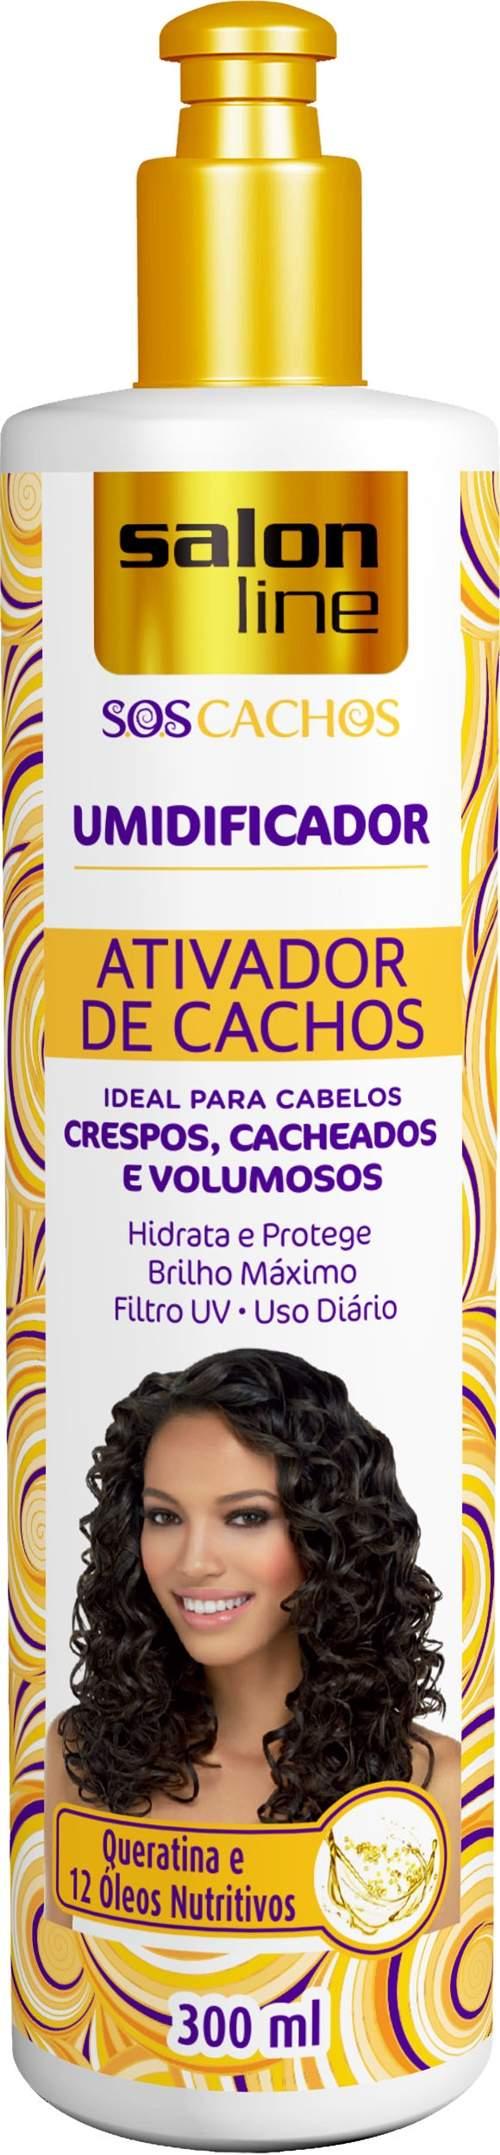 ATIVADOR DE CACHOS SALON LINE – ATIVADOR DE CACHOS- SALON LINE